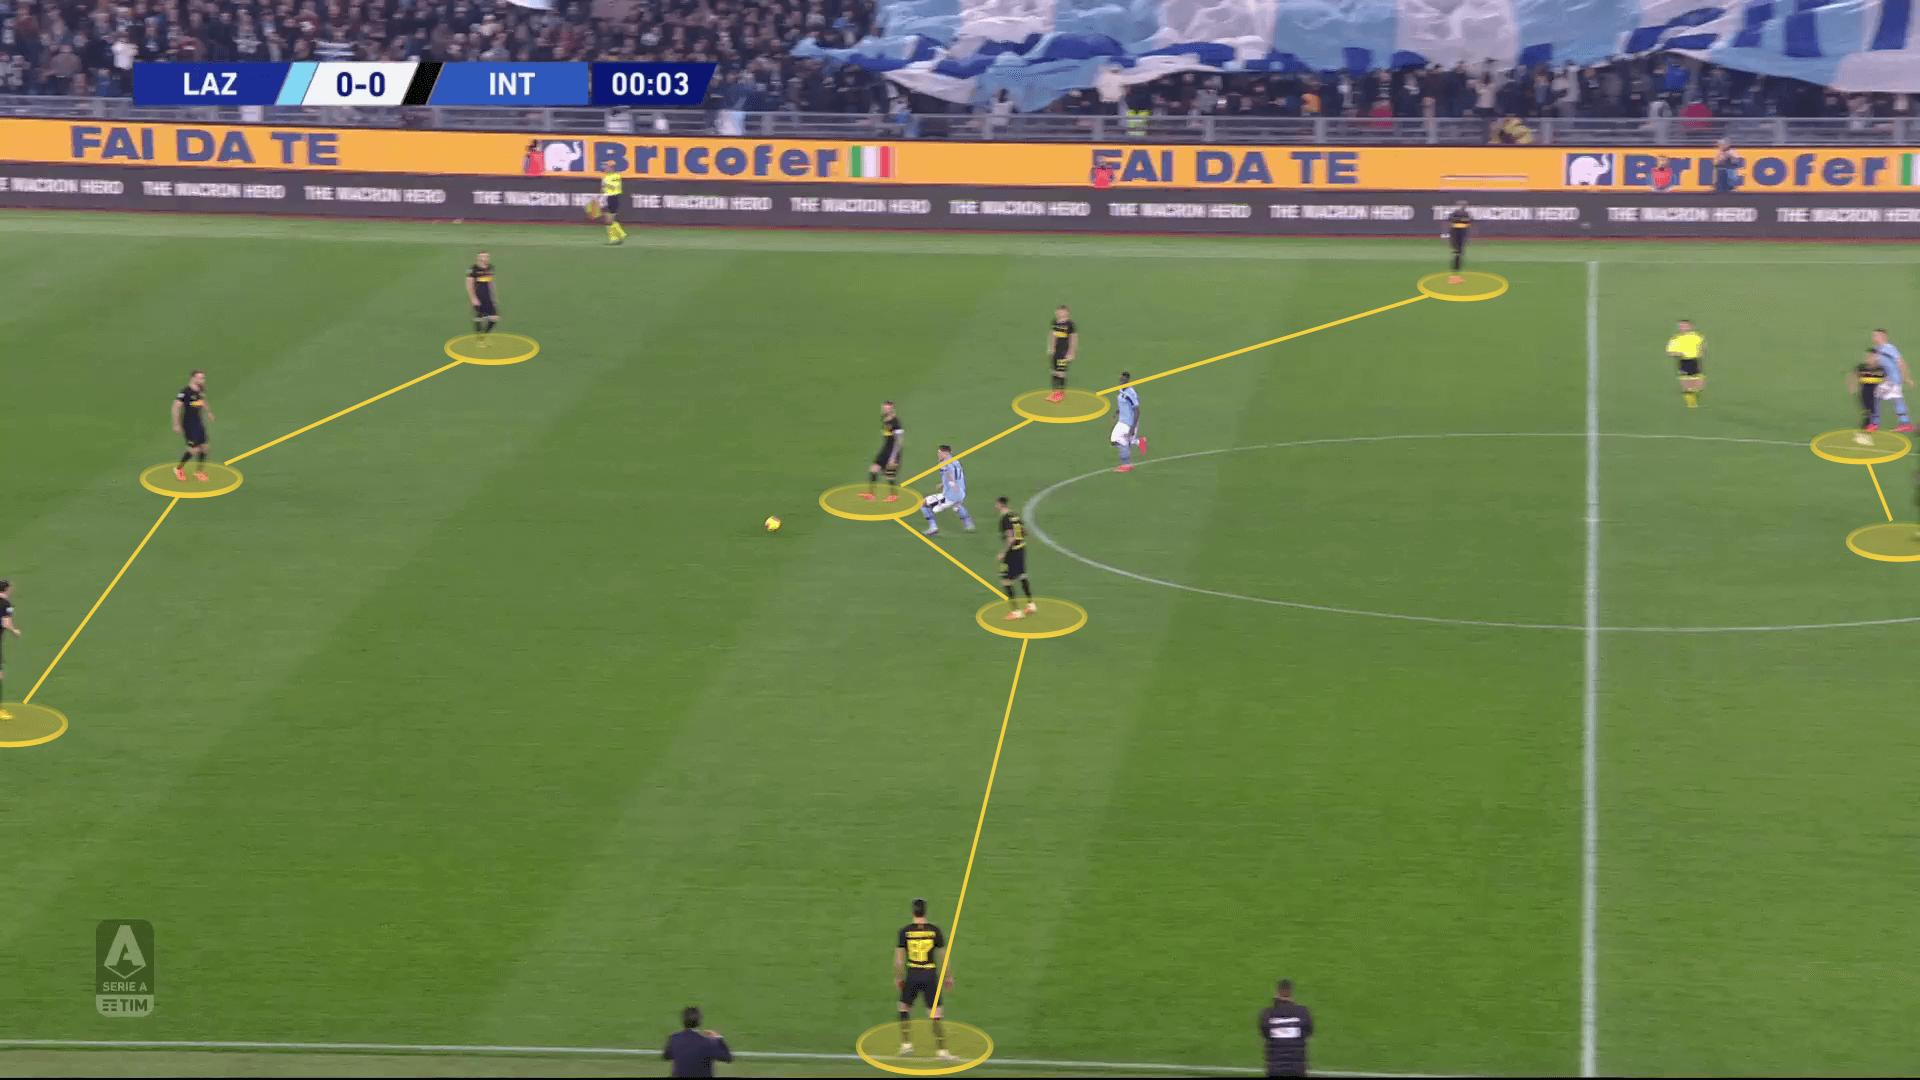 Serie A 2019/20: Lazio vs Inter - tactical analysis tactics